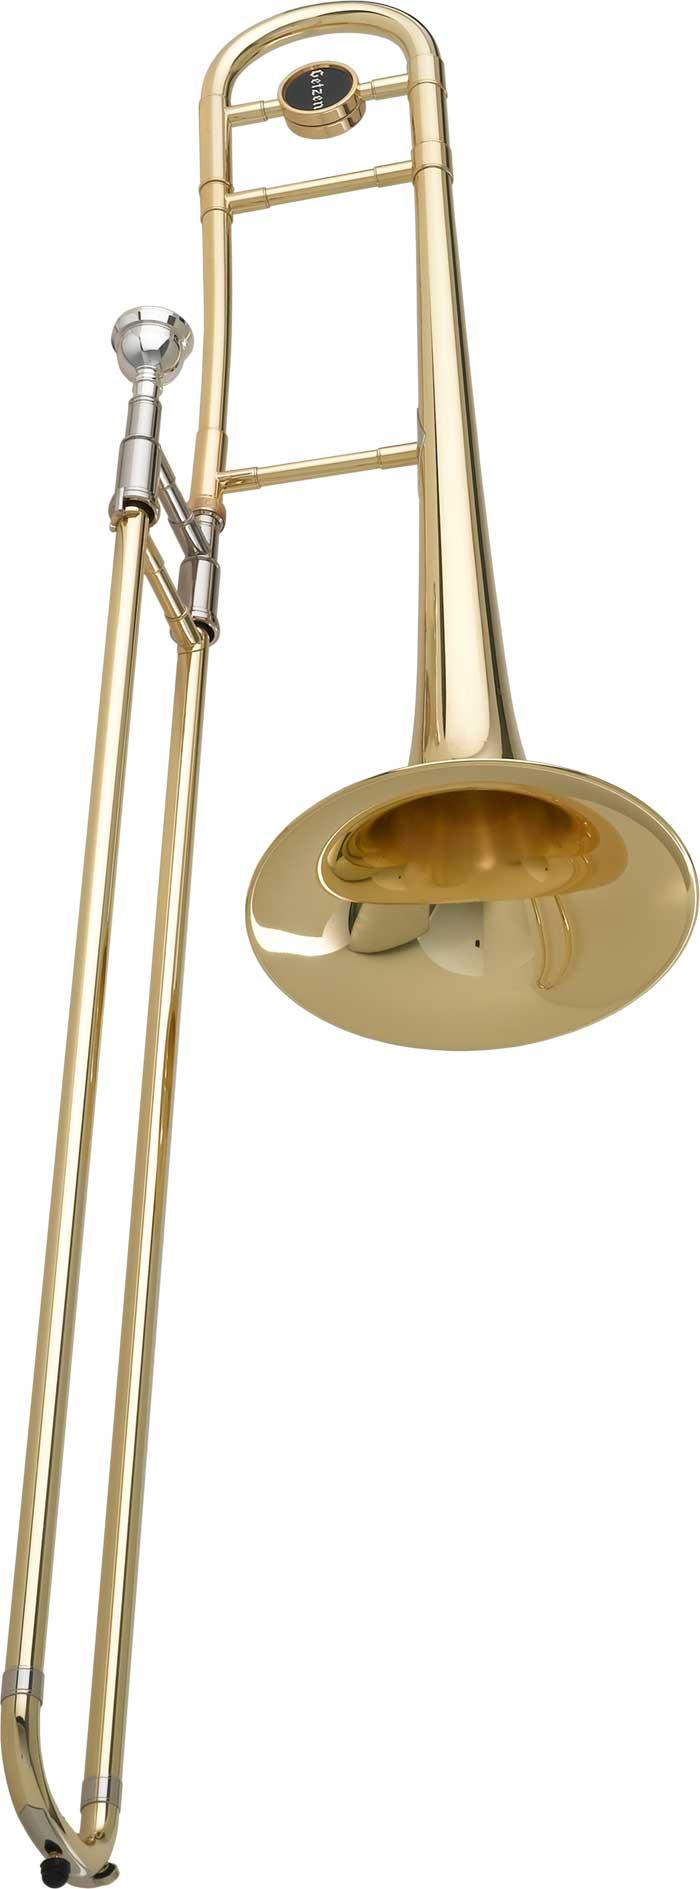 Getzen 1050 Tenor Trombone